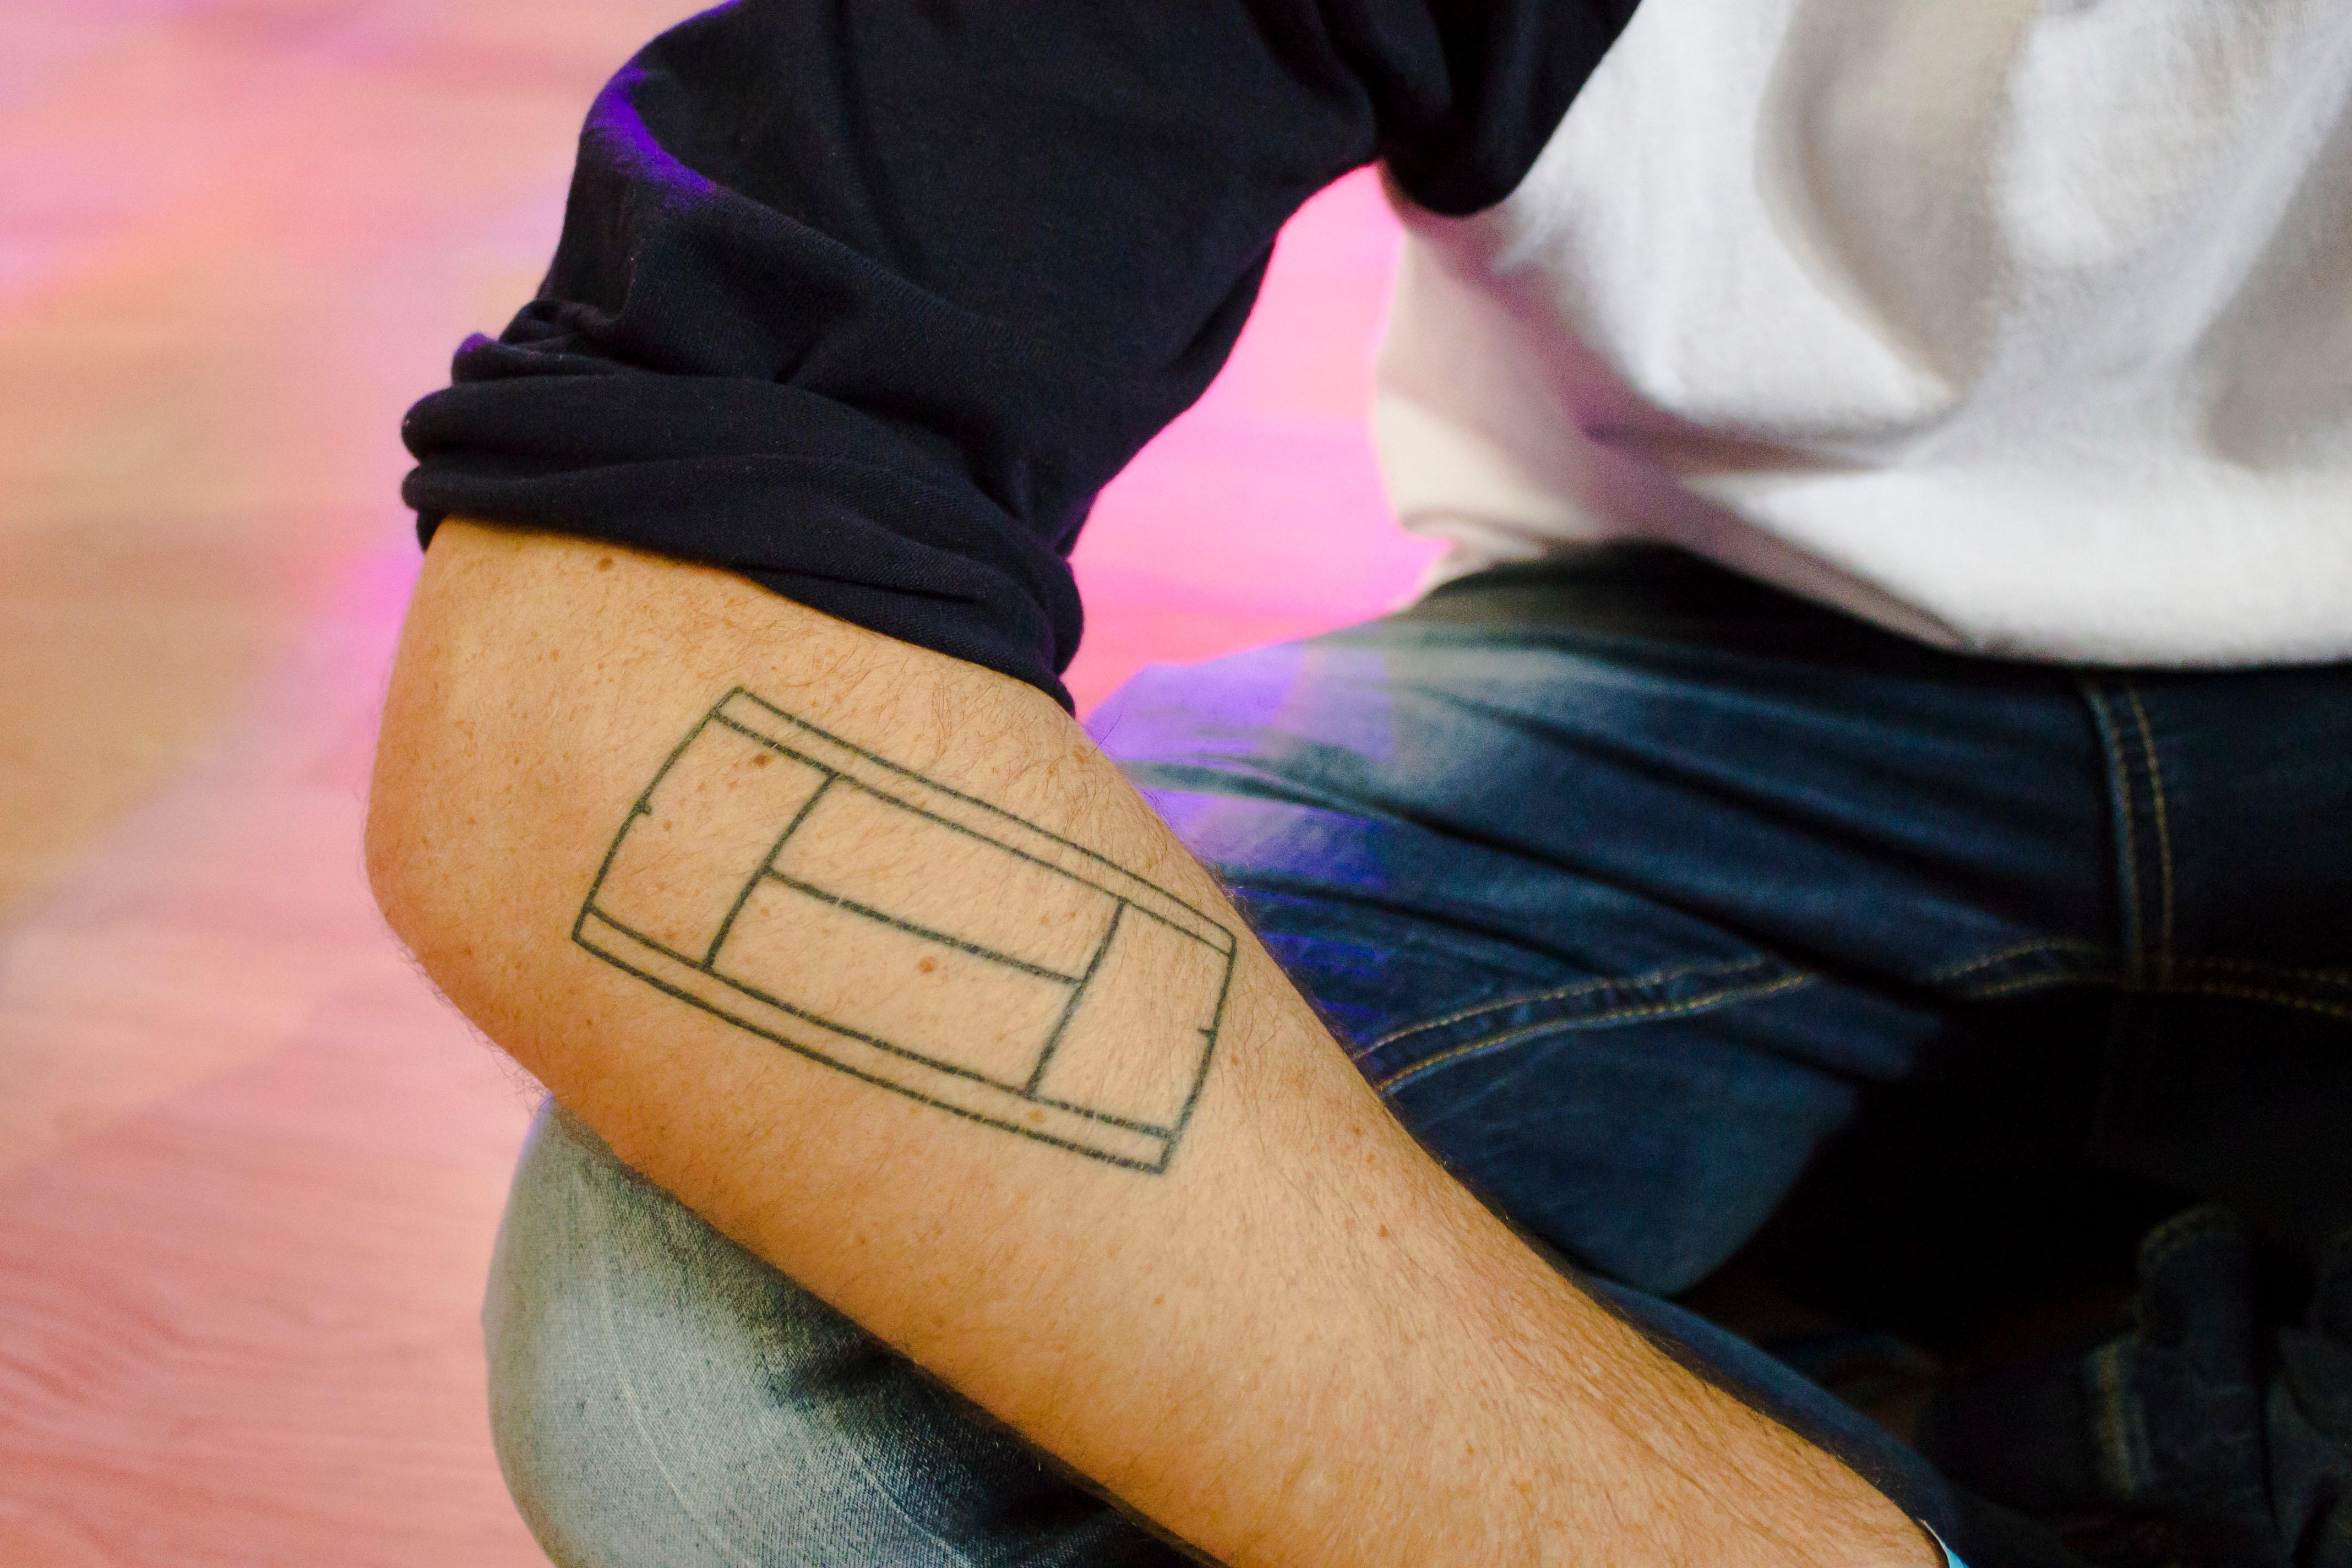 images gratuites : main, jambe, doigt, tatouage, couleur, bras